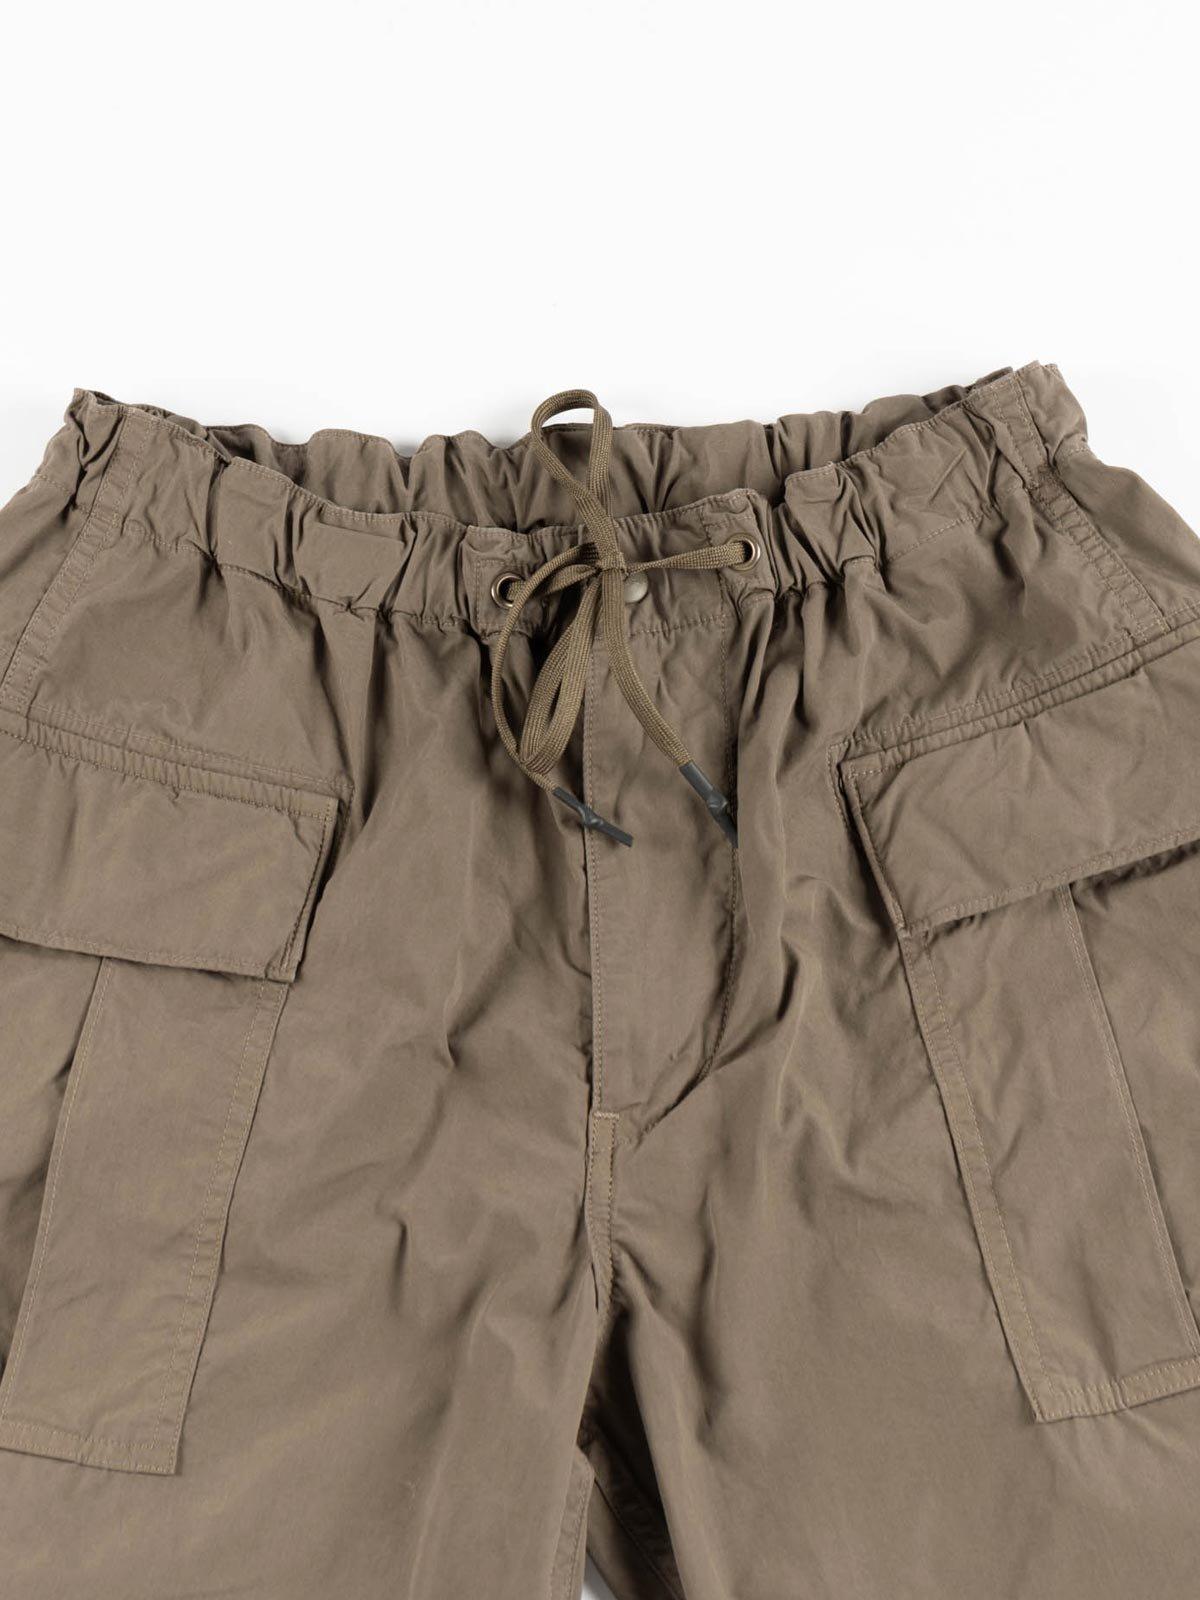 EASY CARGO SHORTS GREIGE TYPEWRITER CLOTH - Image 2